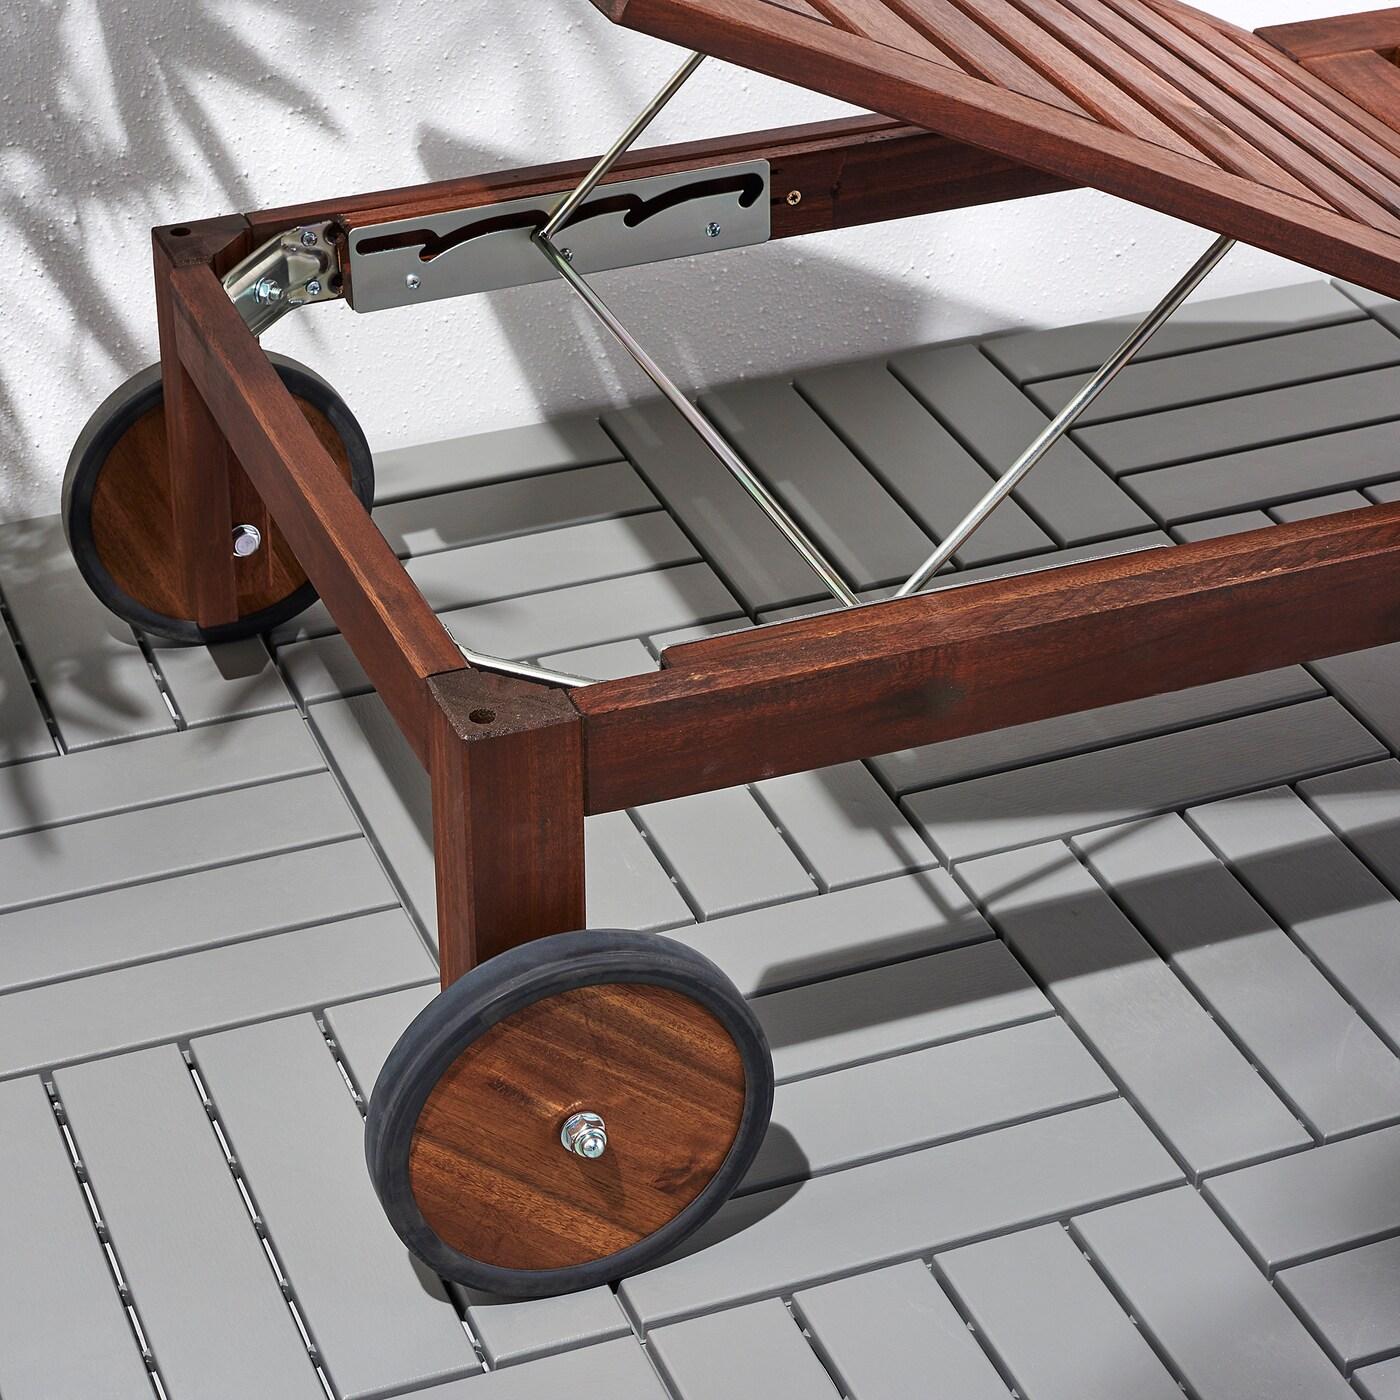 Full Size of Liegestuhl Klappbar Ikea Pplar Sonnenliege Braun Las Deutschland Küche Kosten Ausklappbares Bett Ausklappbar Betten Bei Garten 160x200 Sofa Mit Schlaffunktion Wohnzimmer Liegestuhl Klappbar Ikea